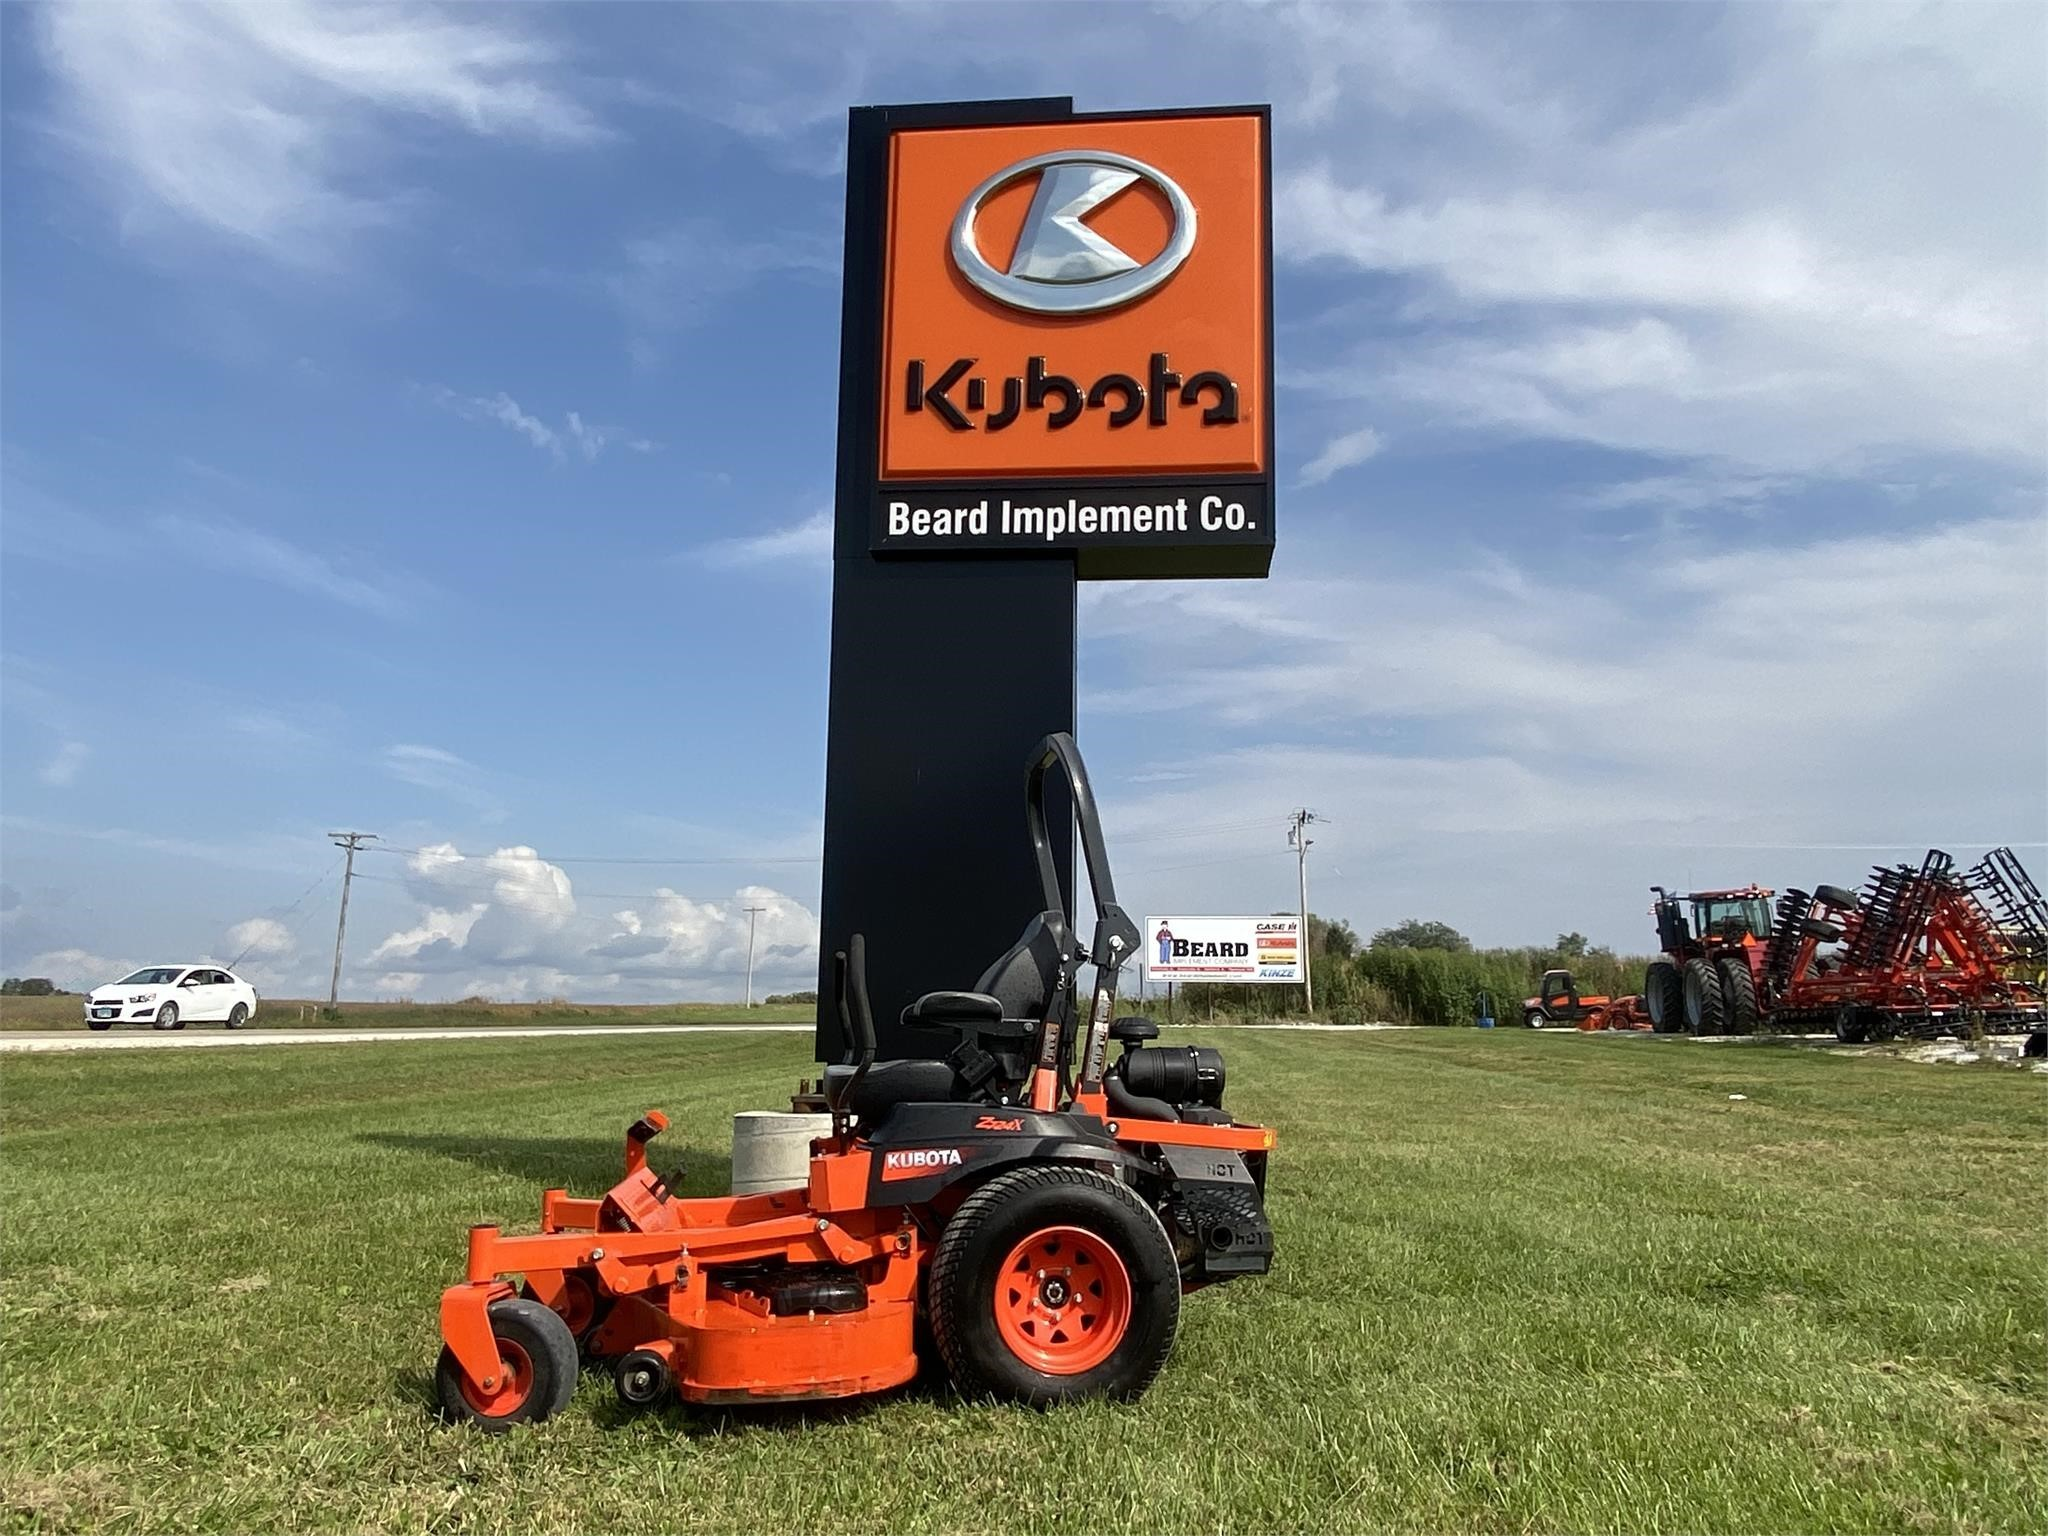 2015 Kubota Z724XKW-54 Lawn and Garden